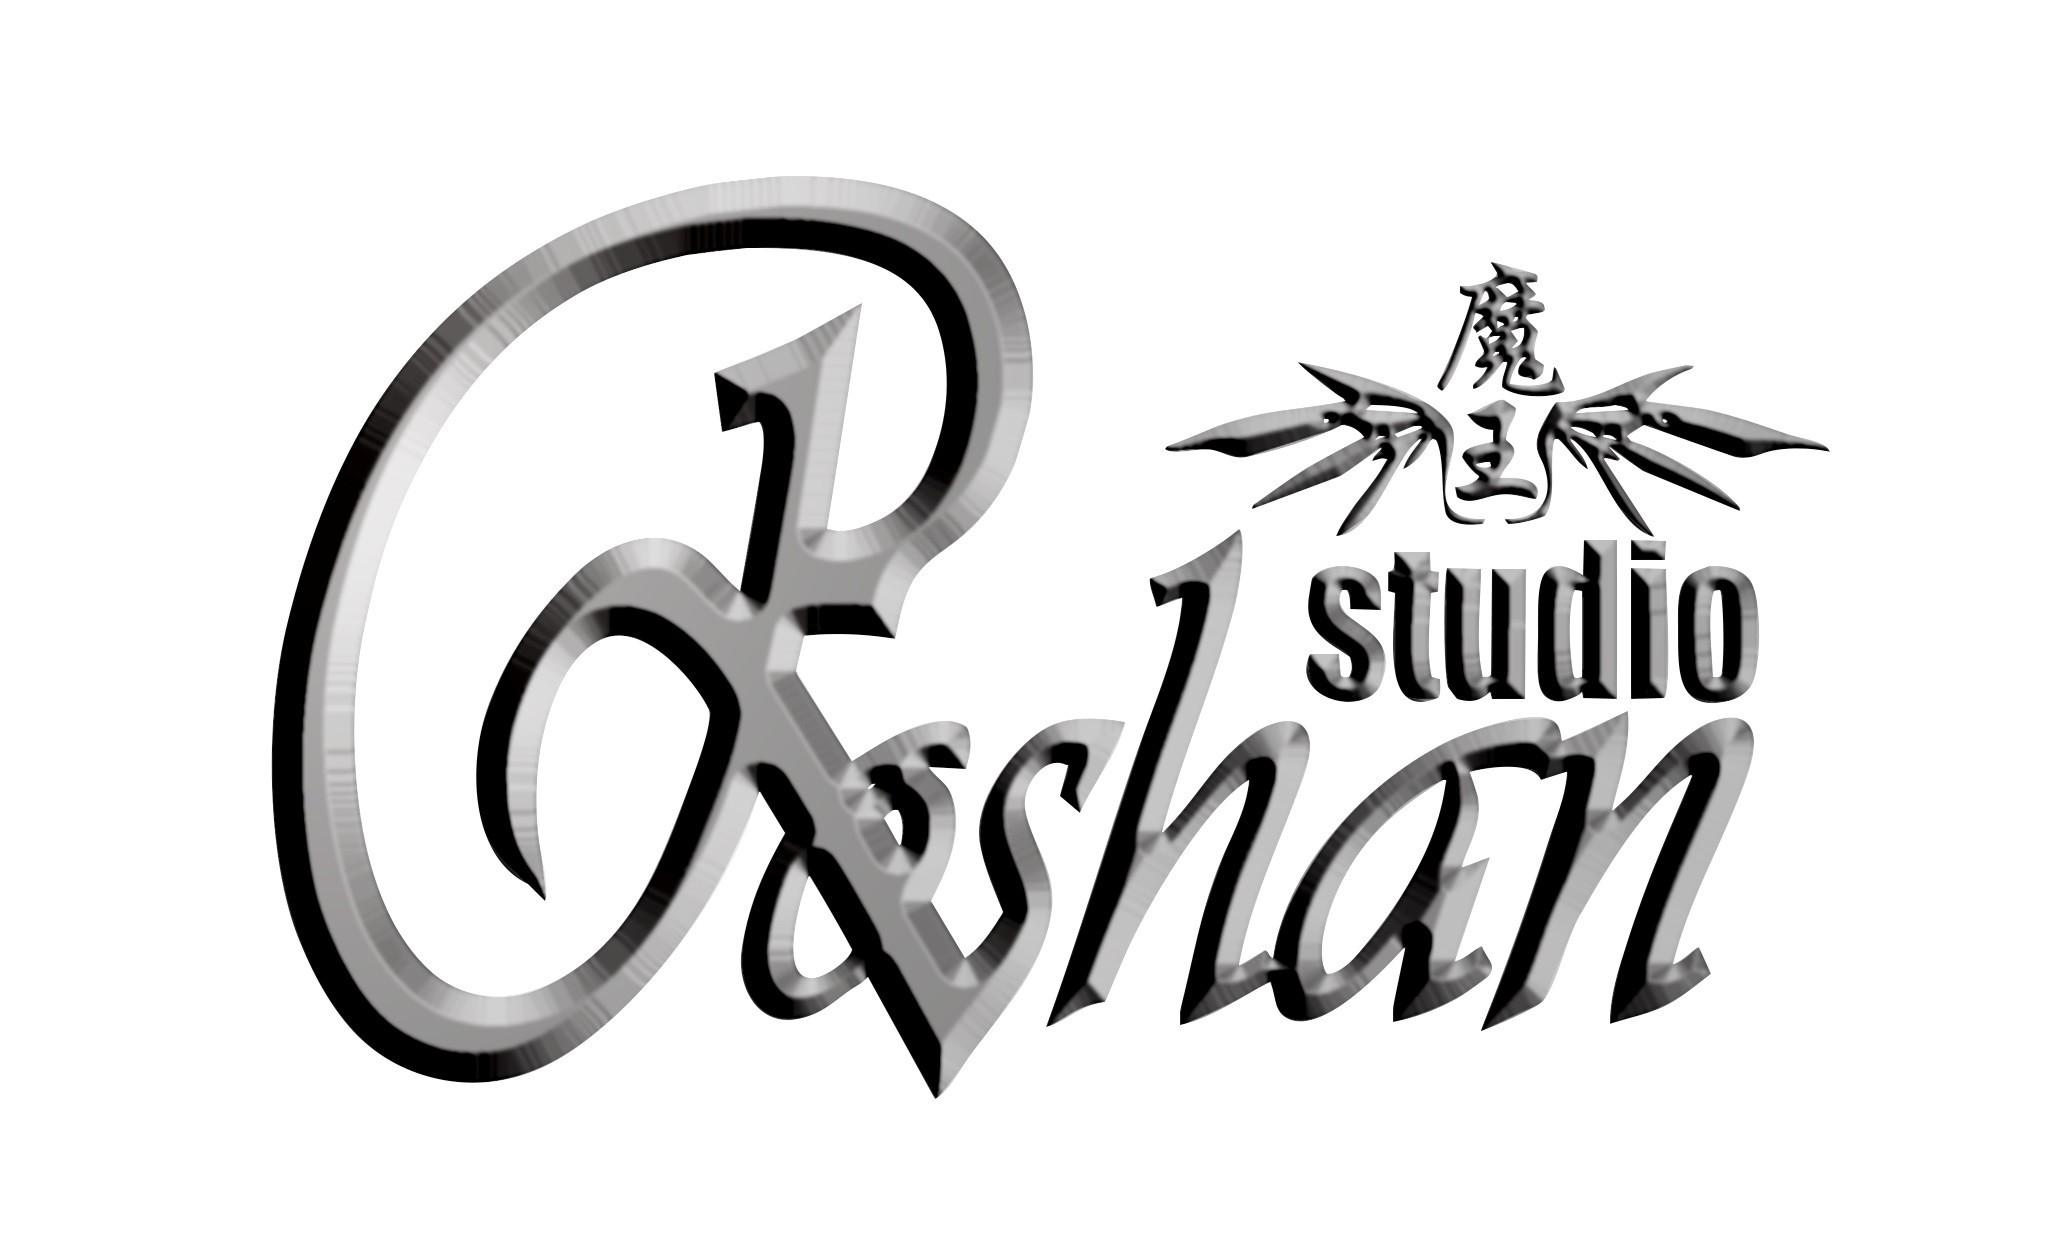 logo logo 标志 设计 矢量 矢量图 素材 图标 2048_1255